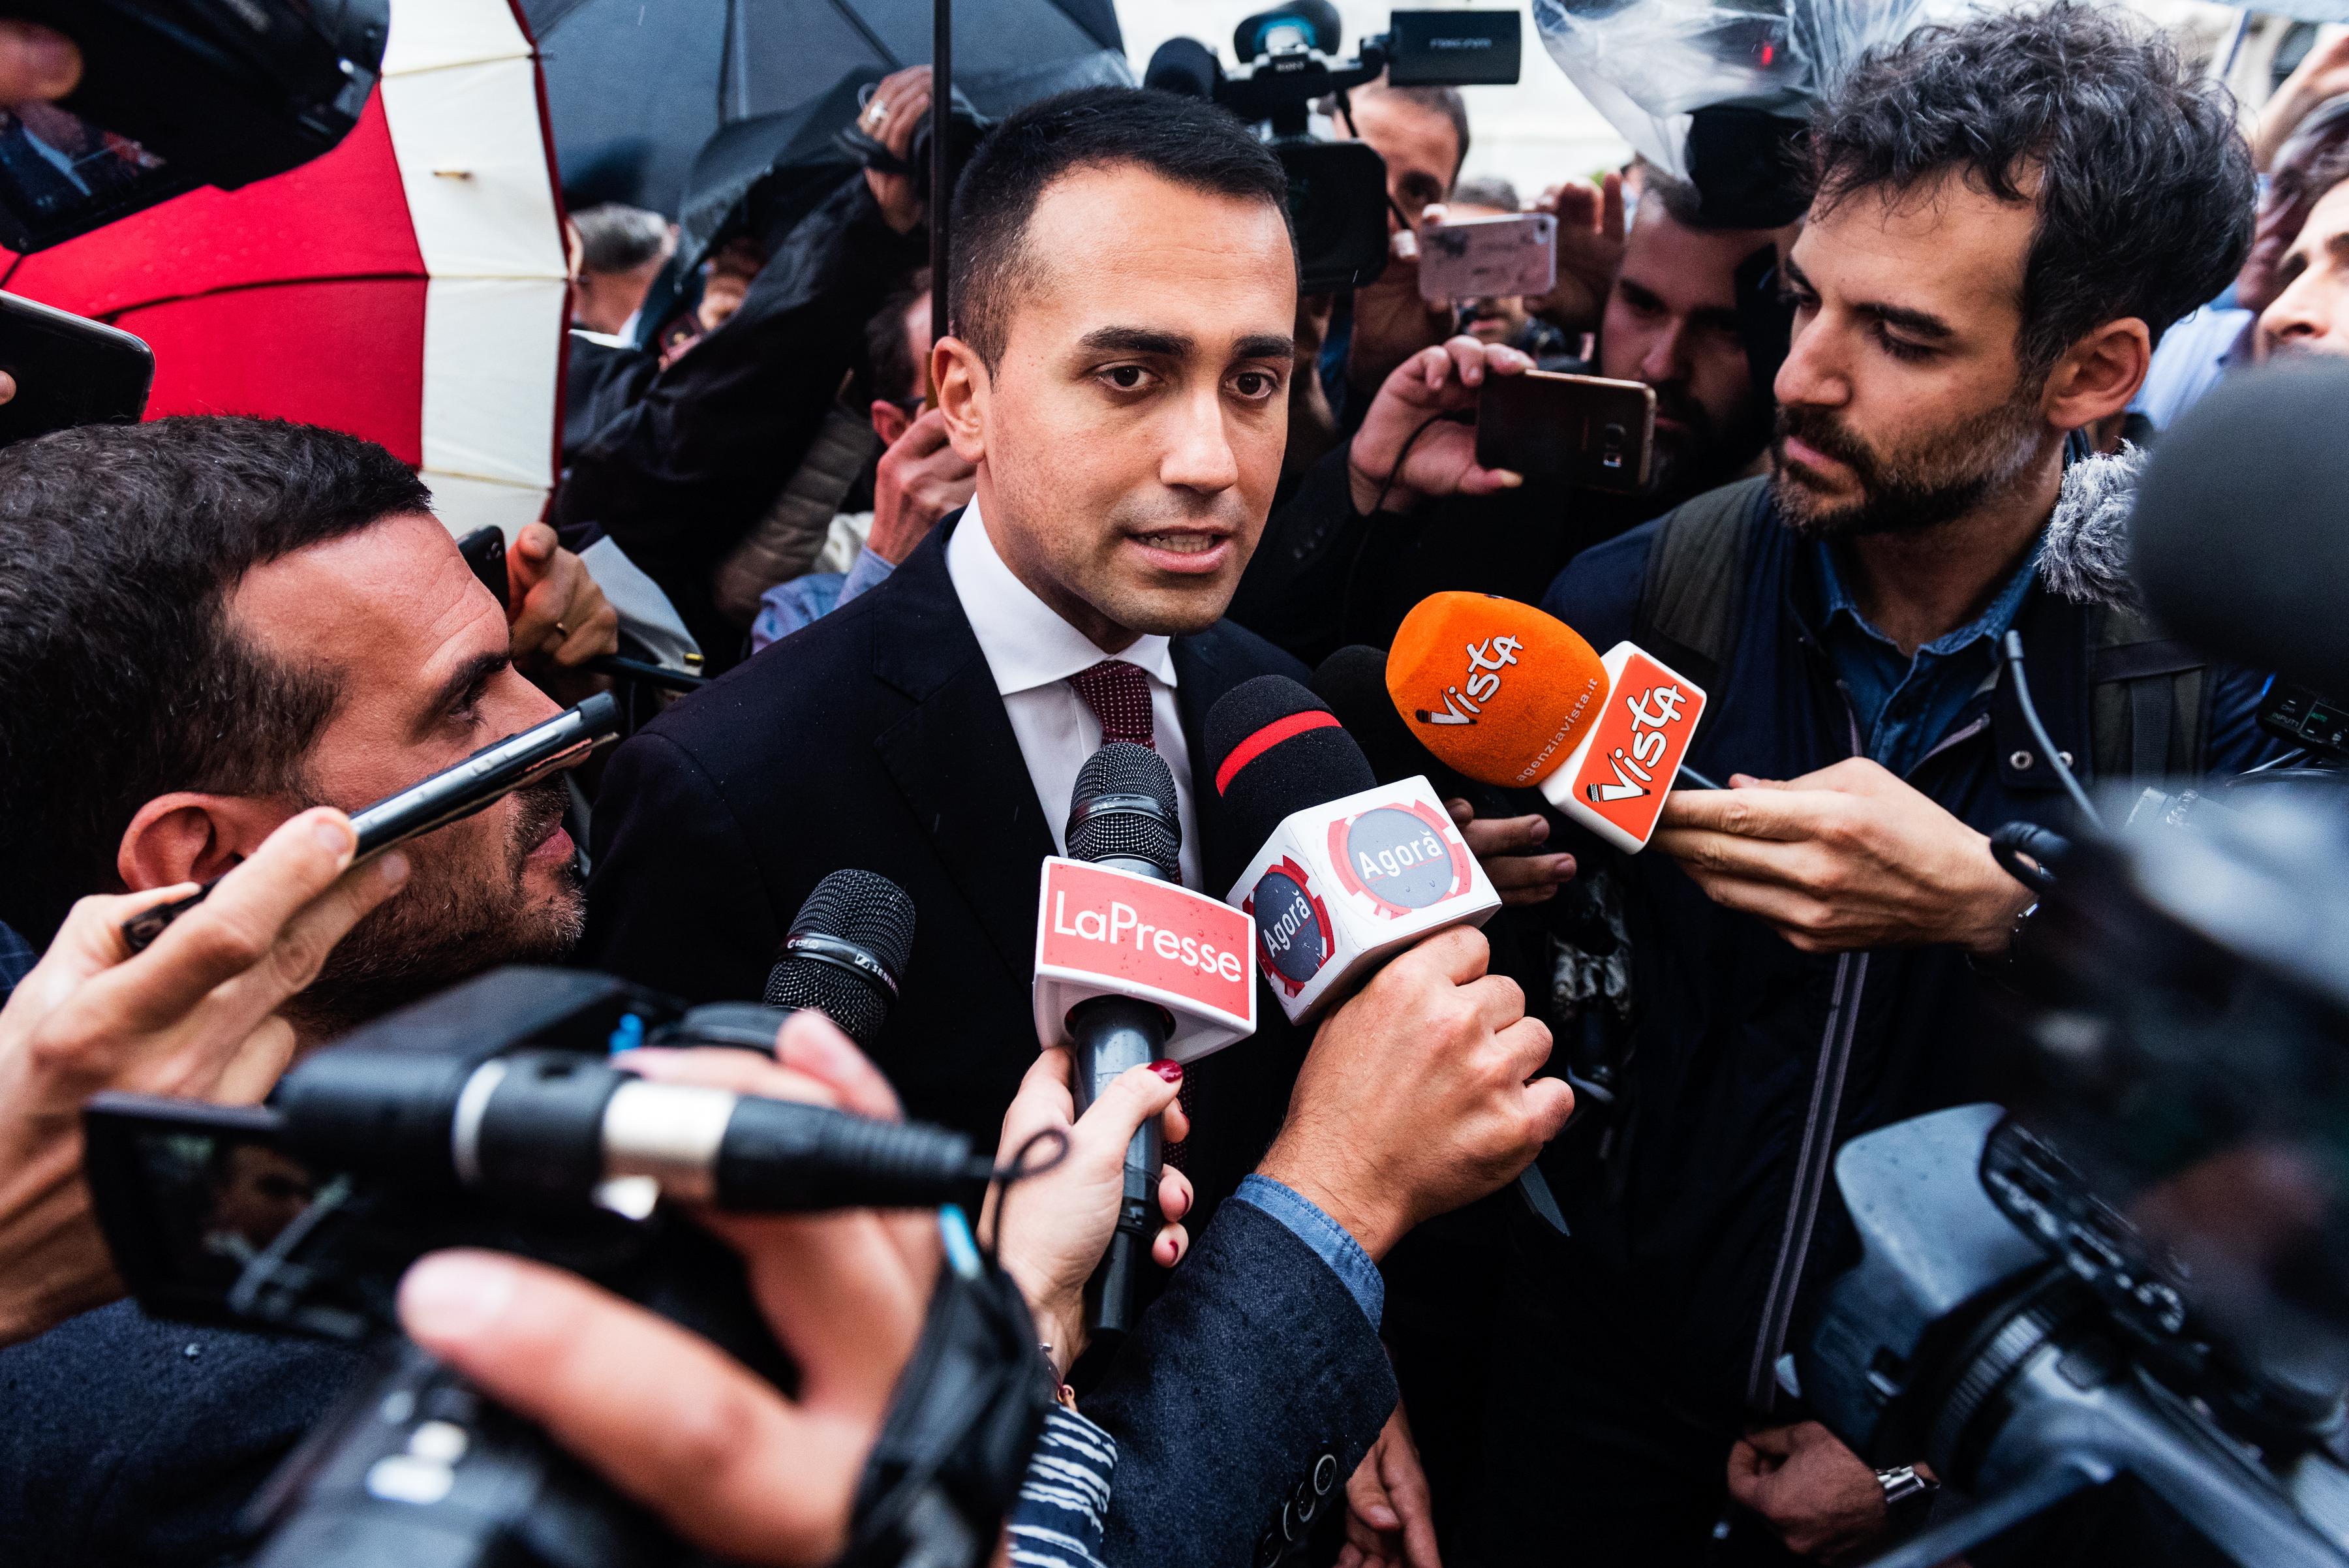 Európa a haját tépi, az új olasz kormány mindent felboríthat